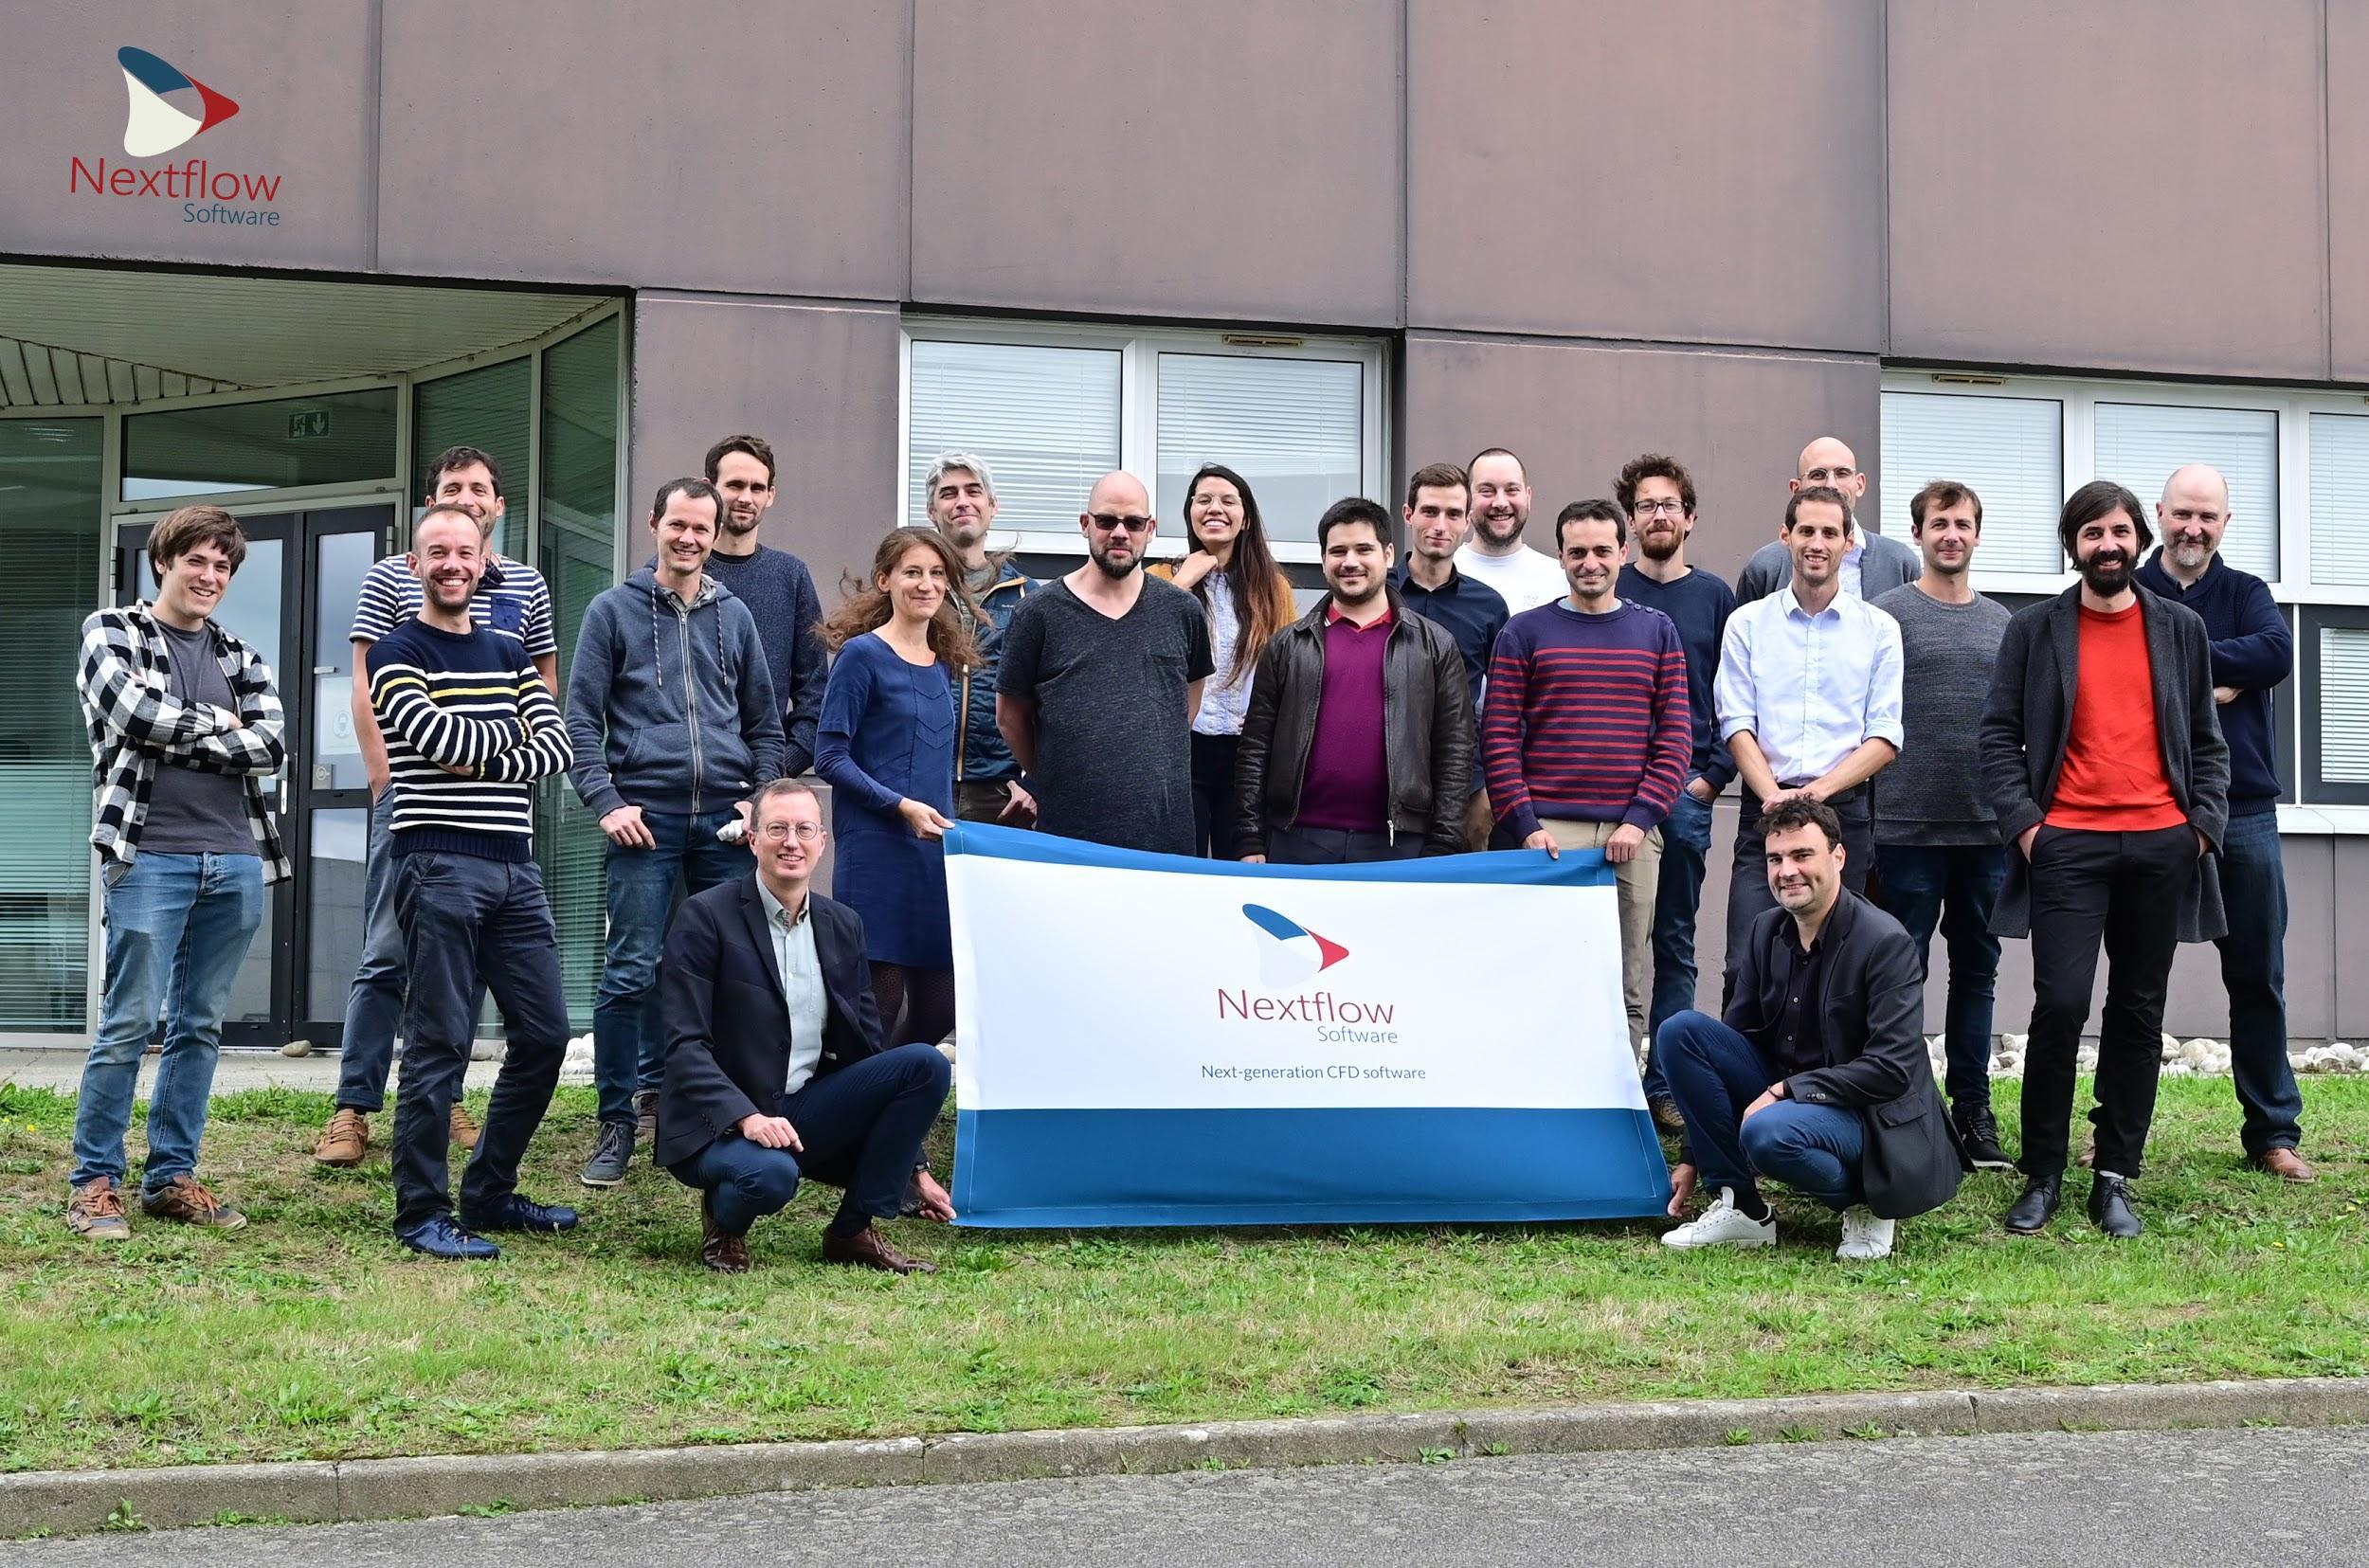 Equipe de Nextflow Software